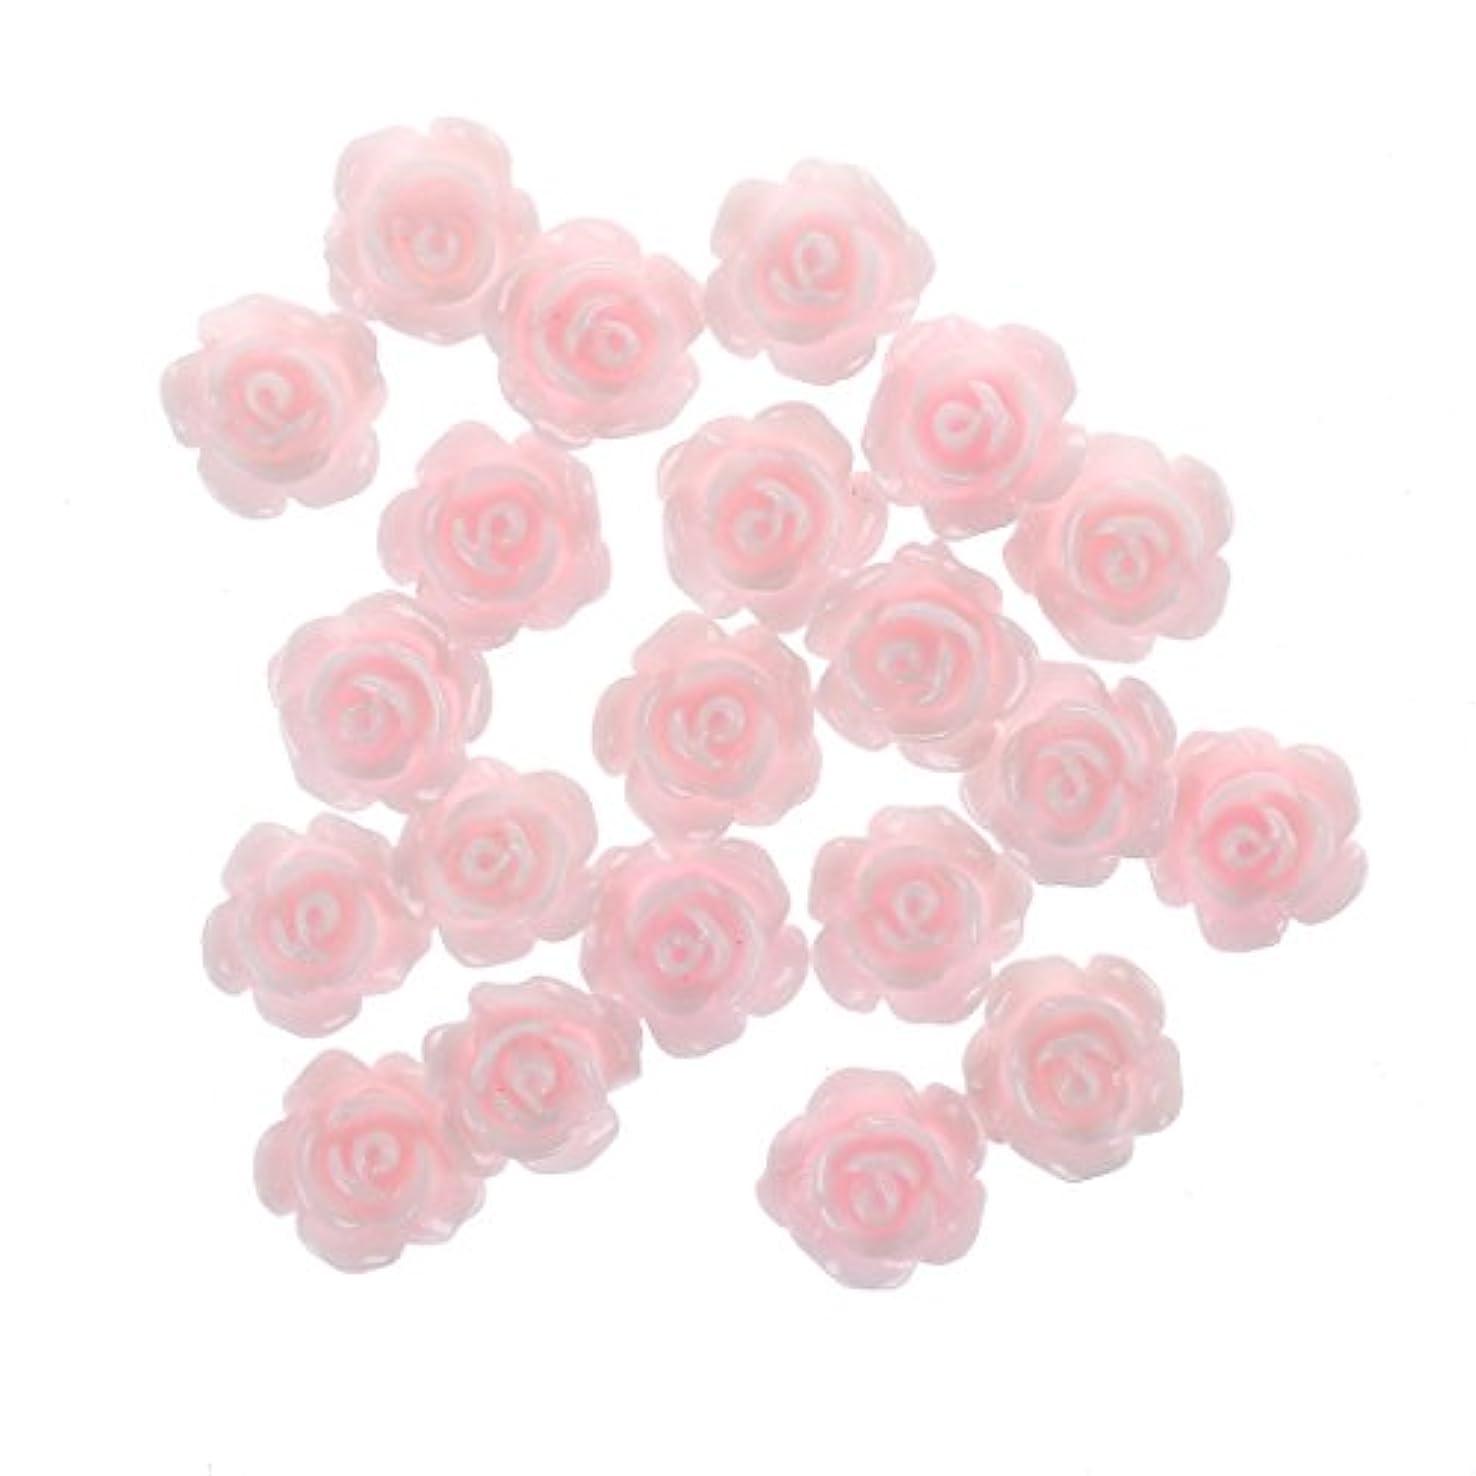 アジテーションめ言葉分数Nrpfell 20x3Dピンクの小さいバラ ラインストーン付きネイルアート装飾